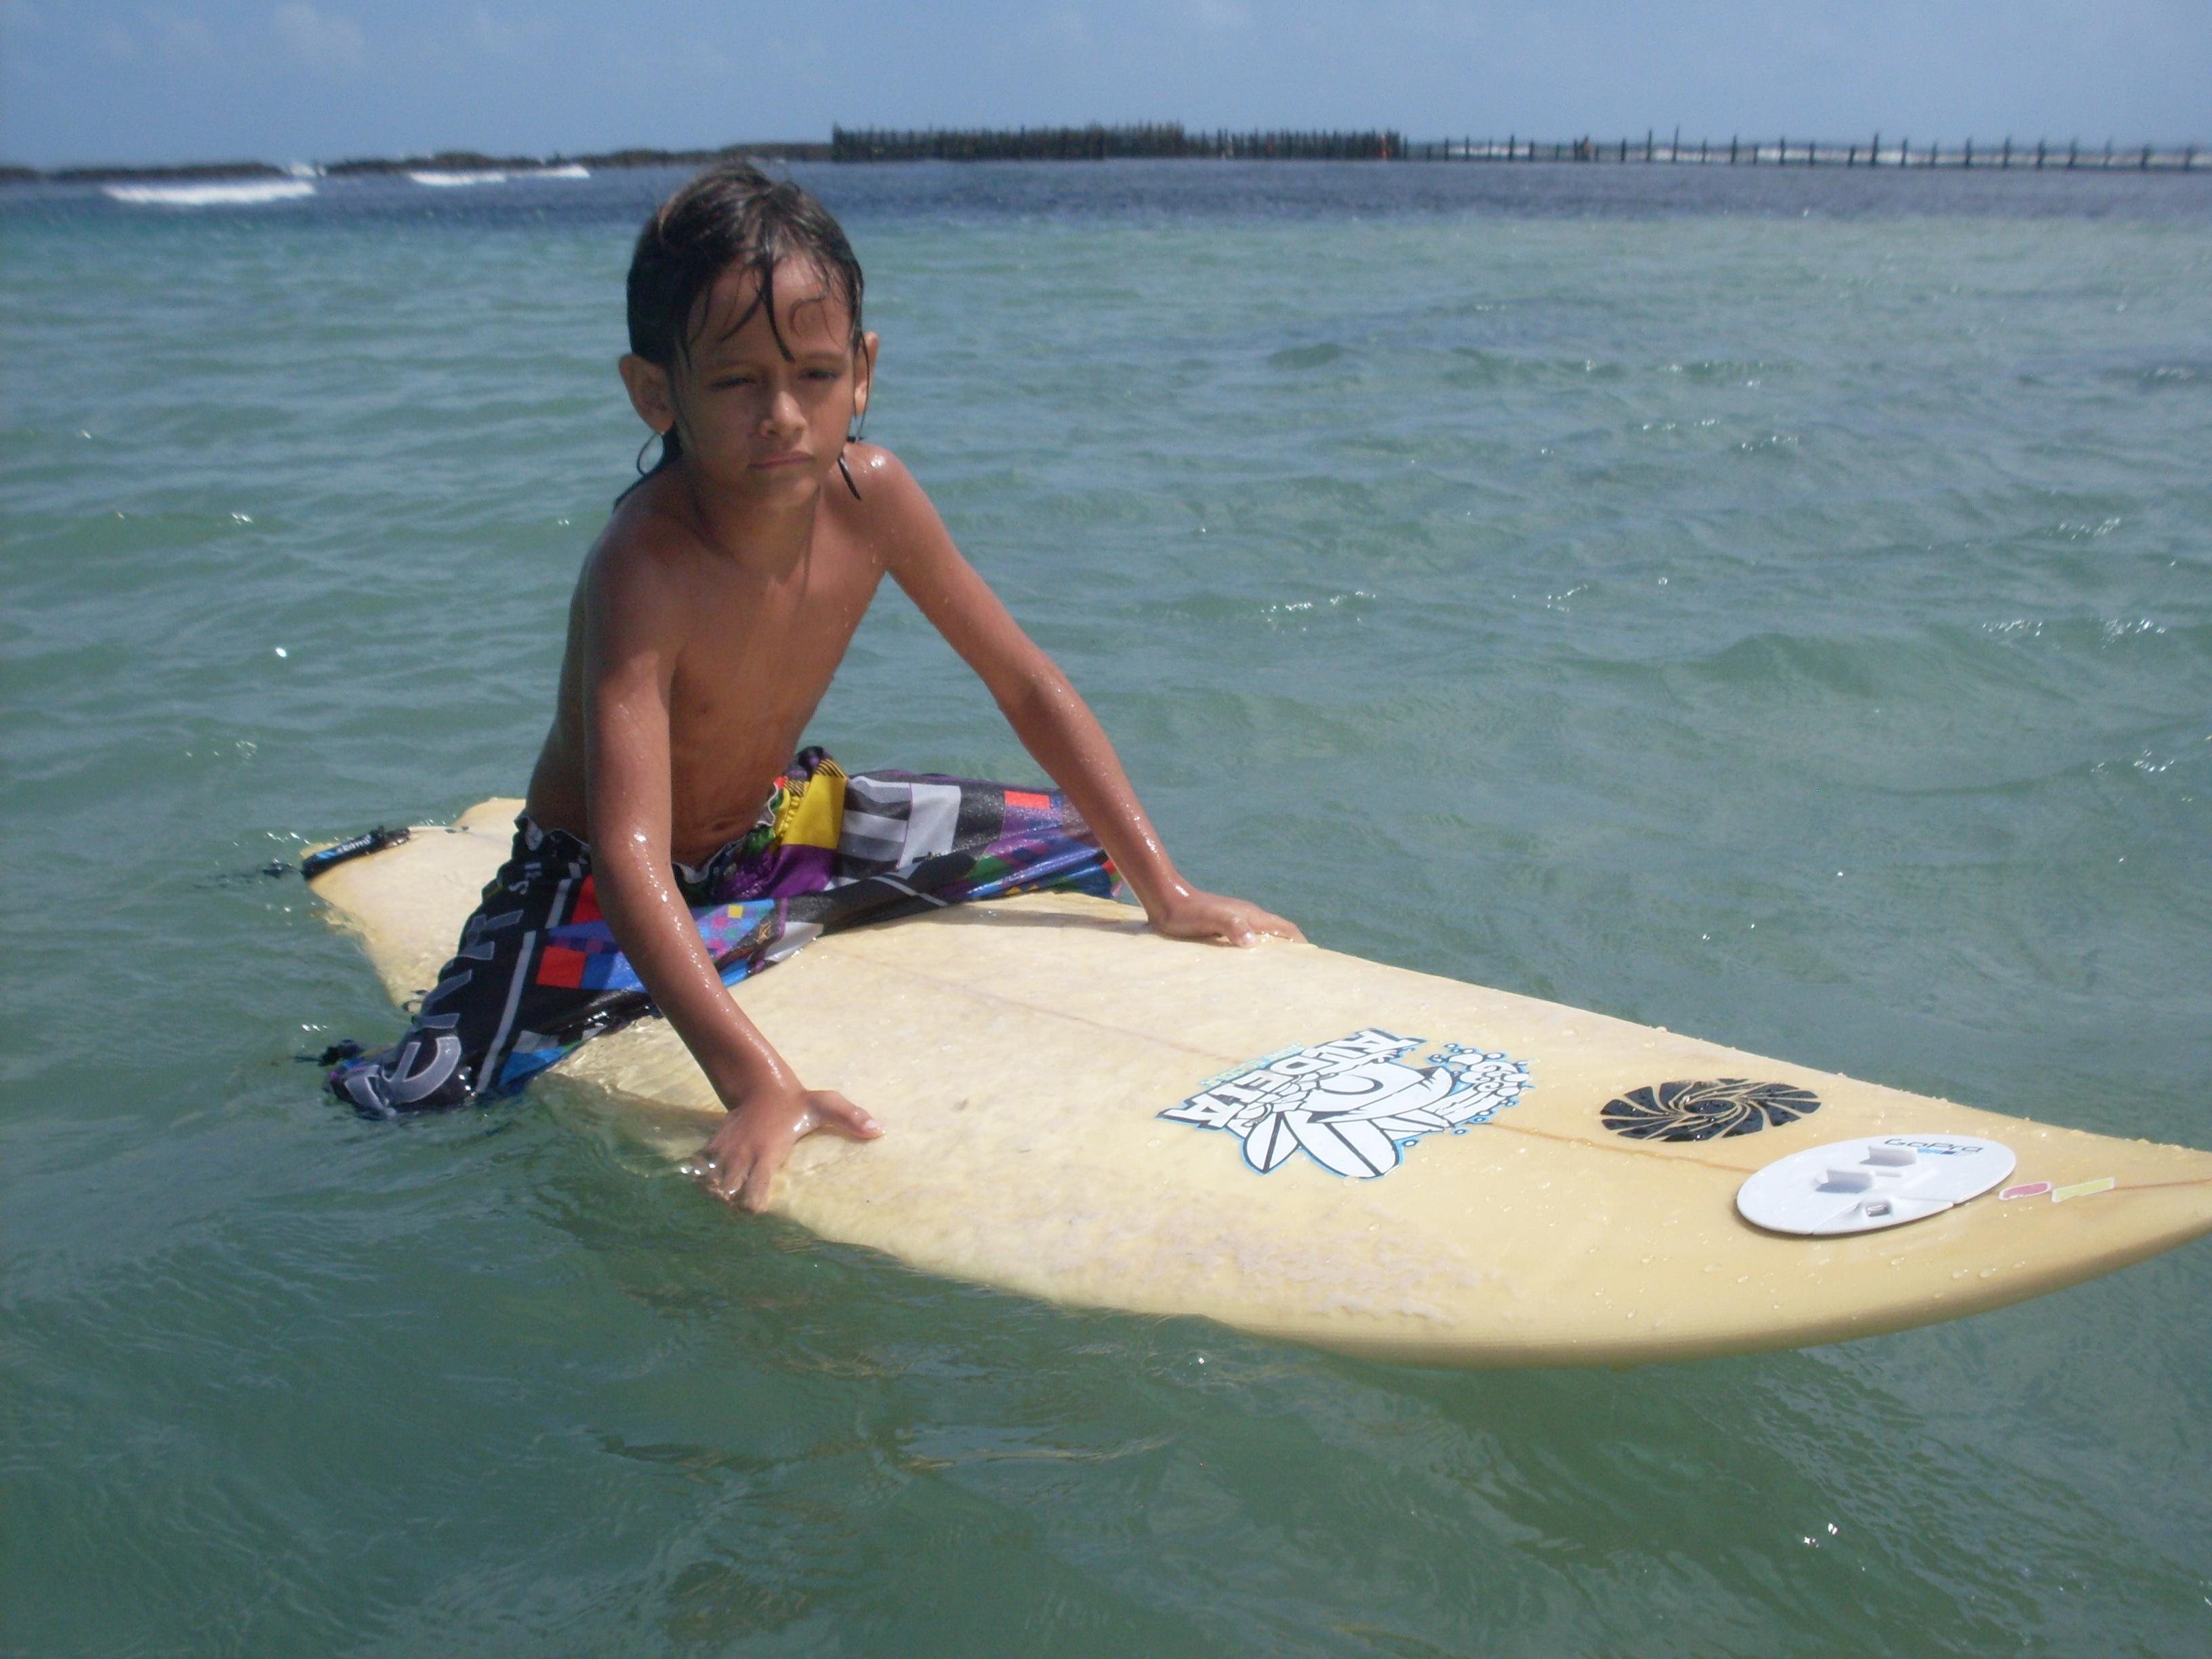 Quer aprender a surfar? Temos a oferta perfeita: 1h de Aula de surf para 2 pessoas de R$120 por apenas R$79,90 na Aldeia Surf Escola